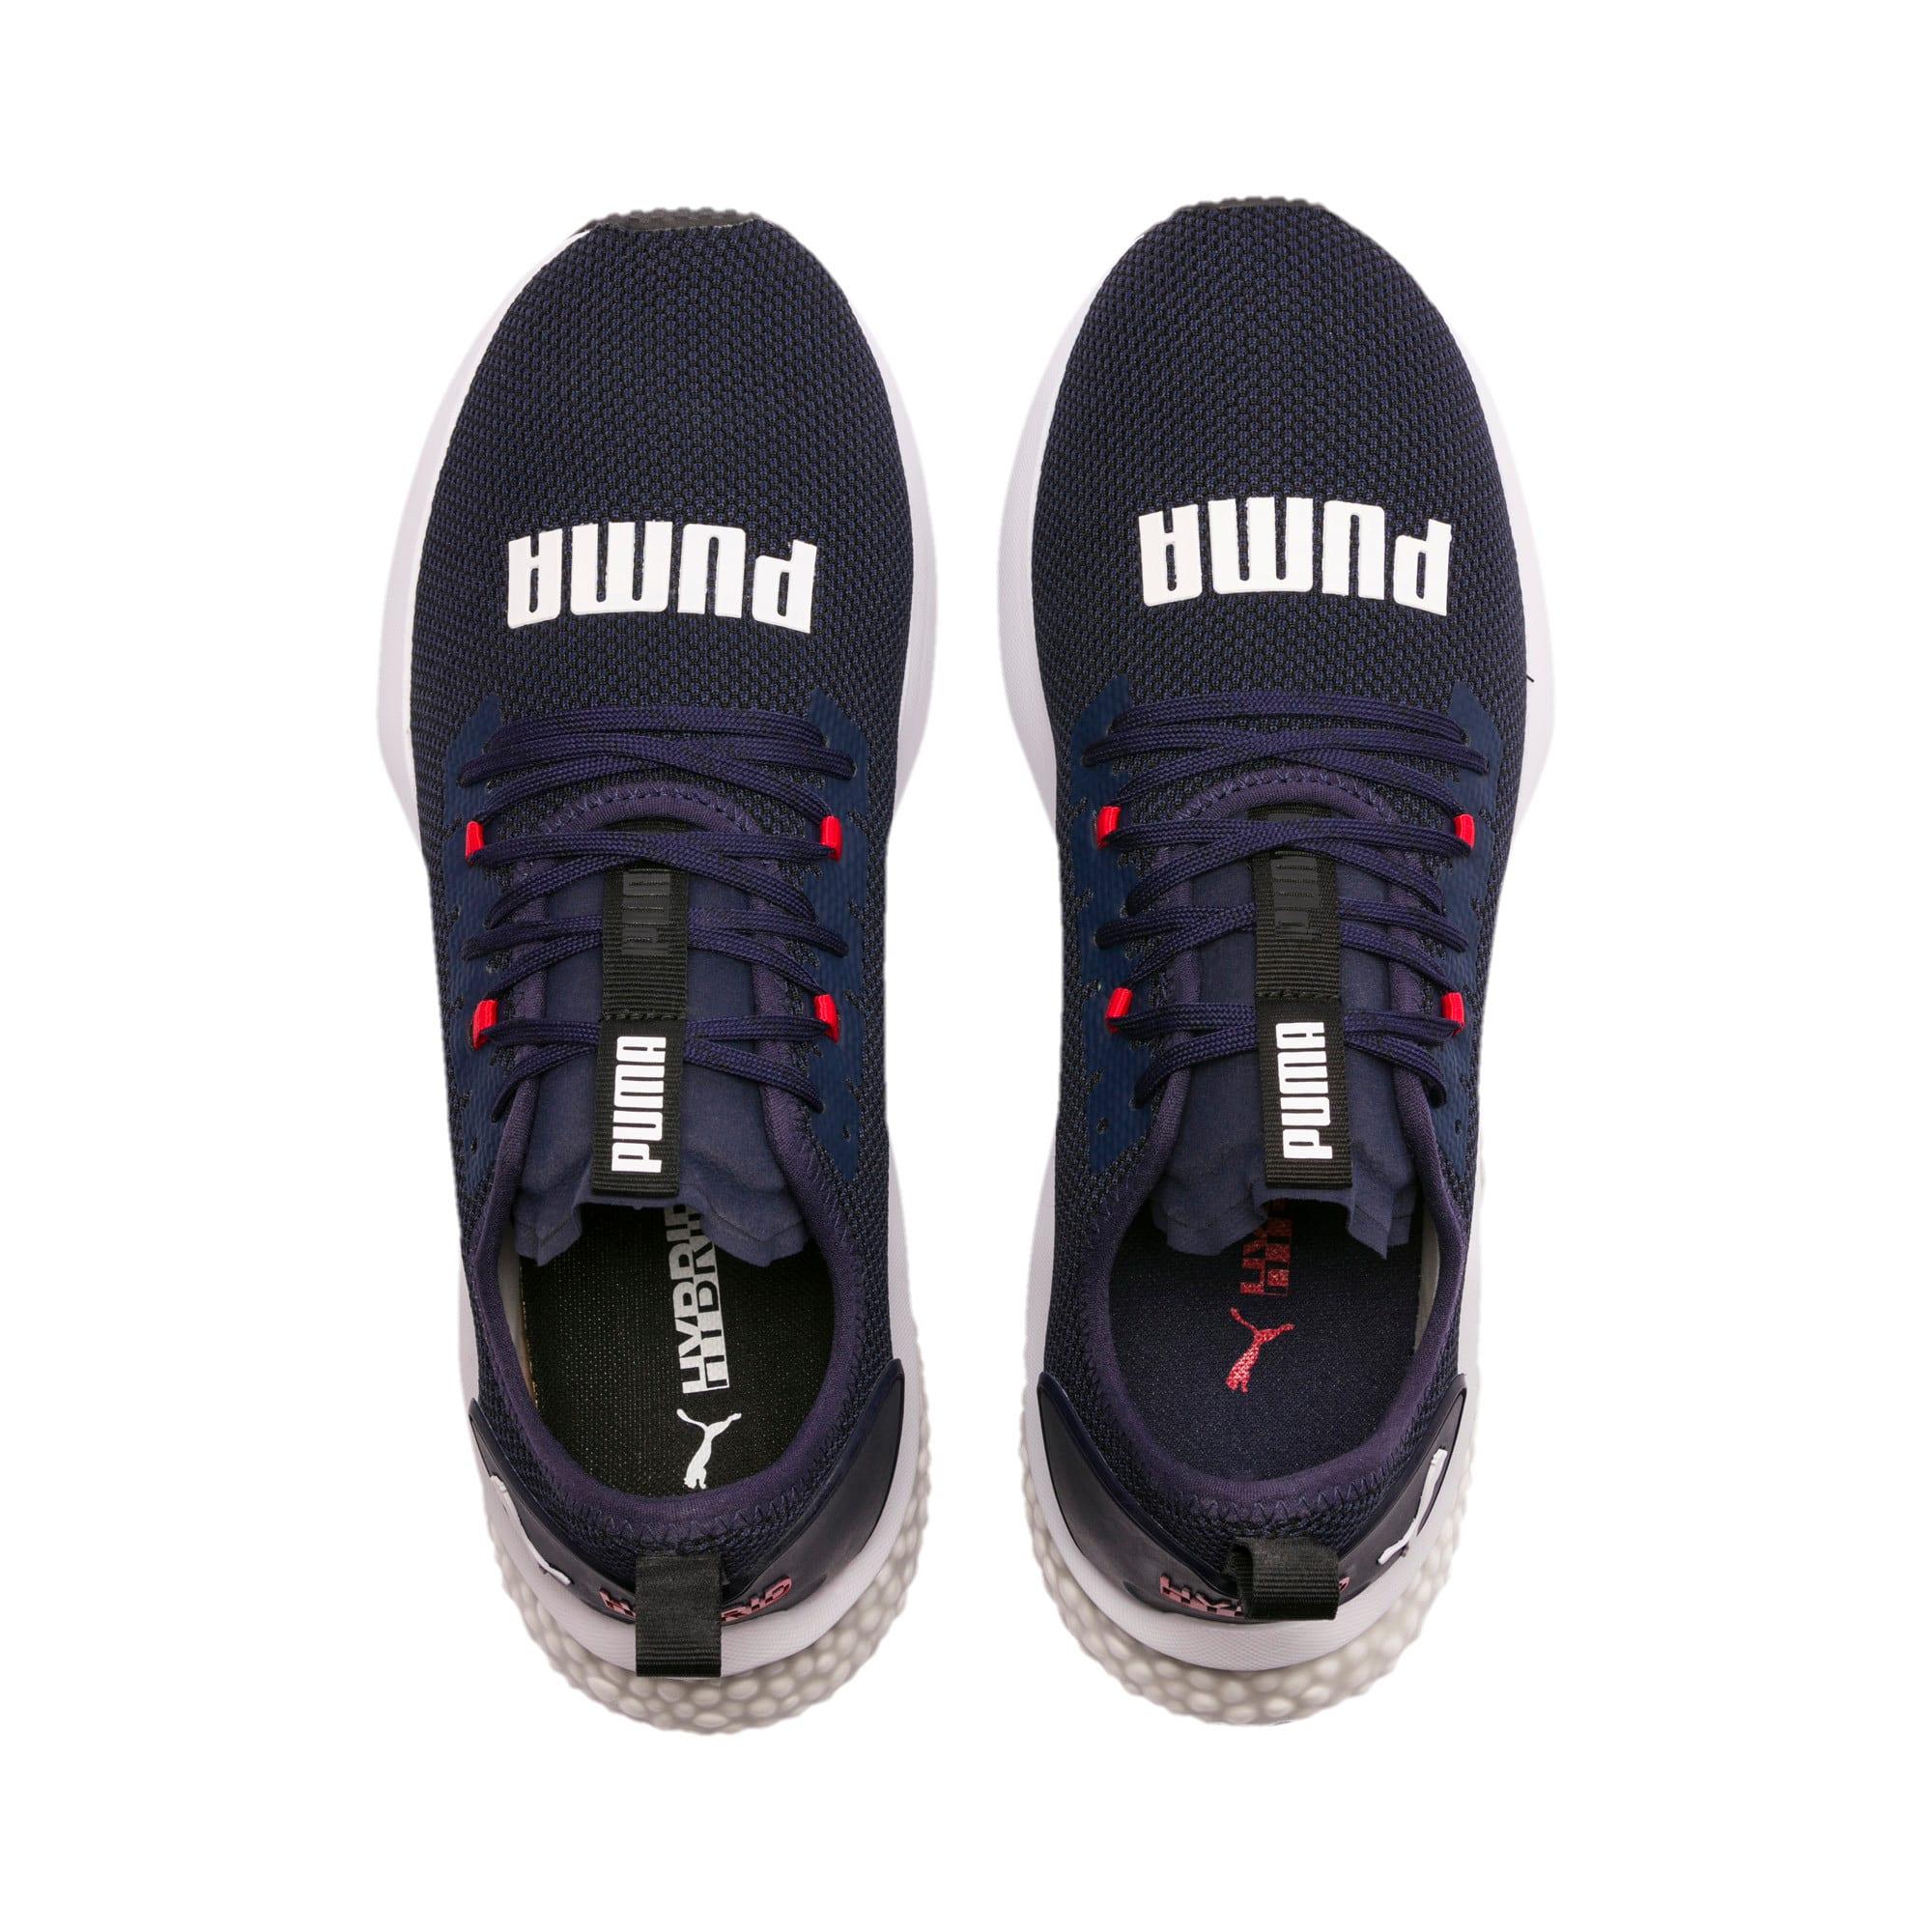 Thumbnail 7 of HYBRID NX Men's Running Shoes, Peacoat-High Risk Red-White, medium